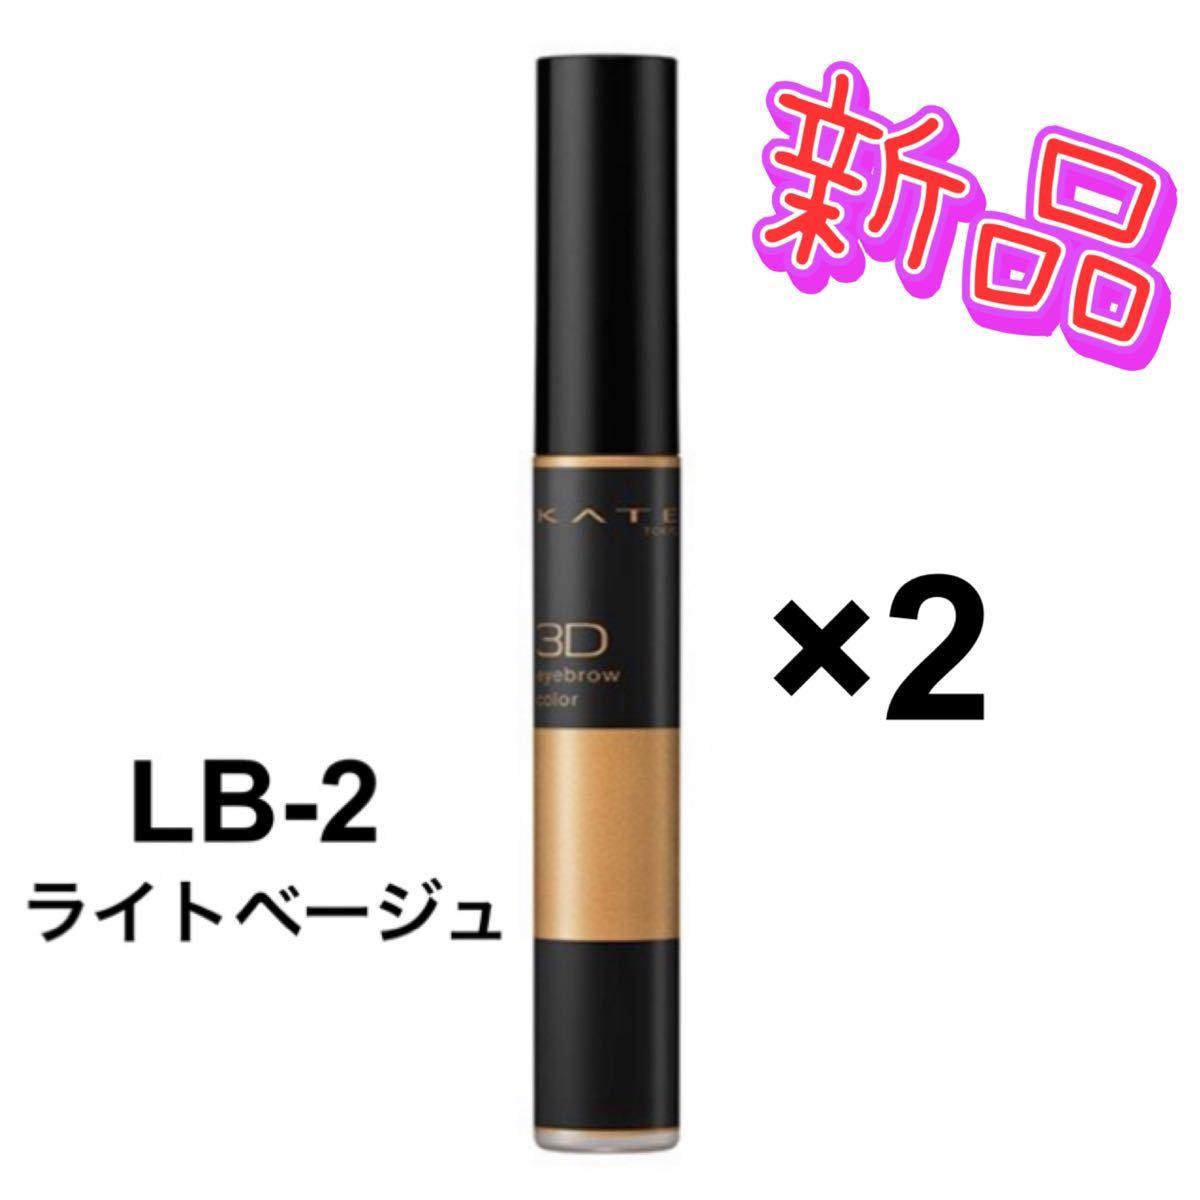 ケイト 3Dアイブロウカラー LB-2 2点セット